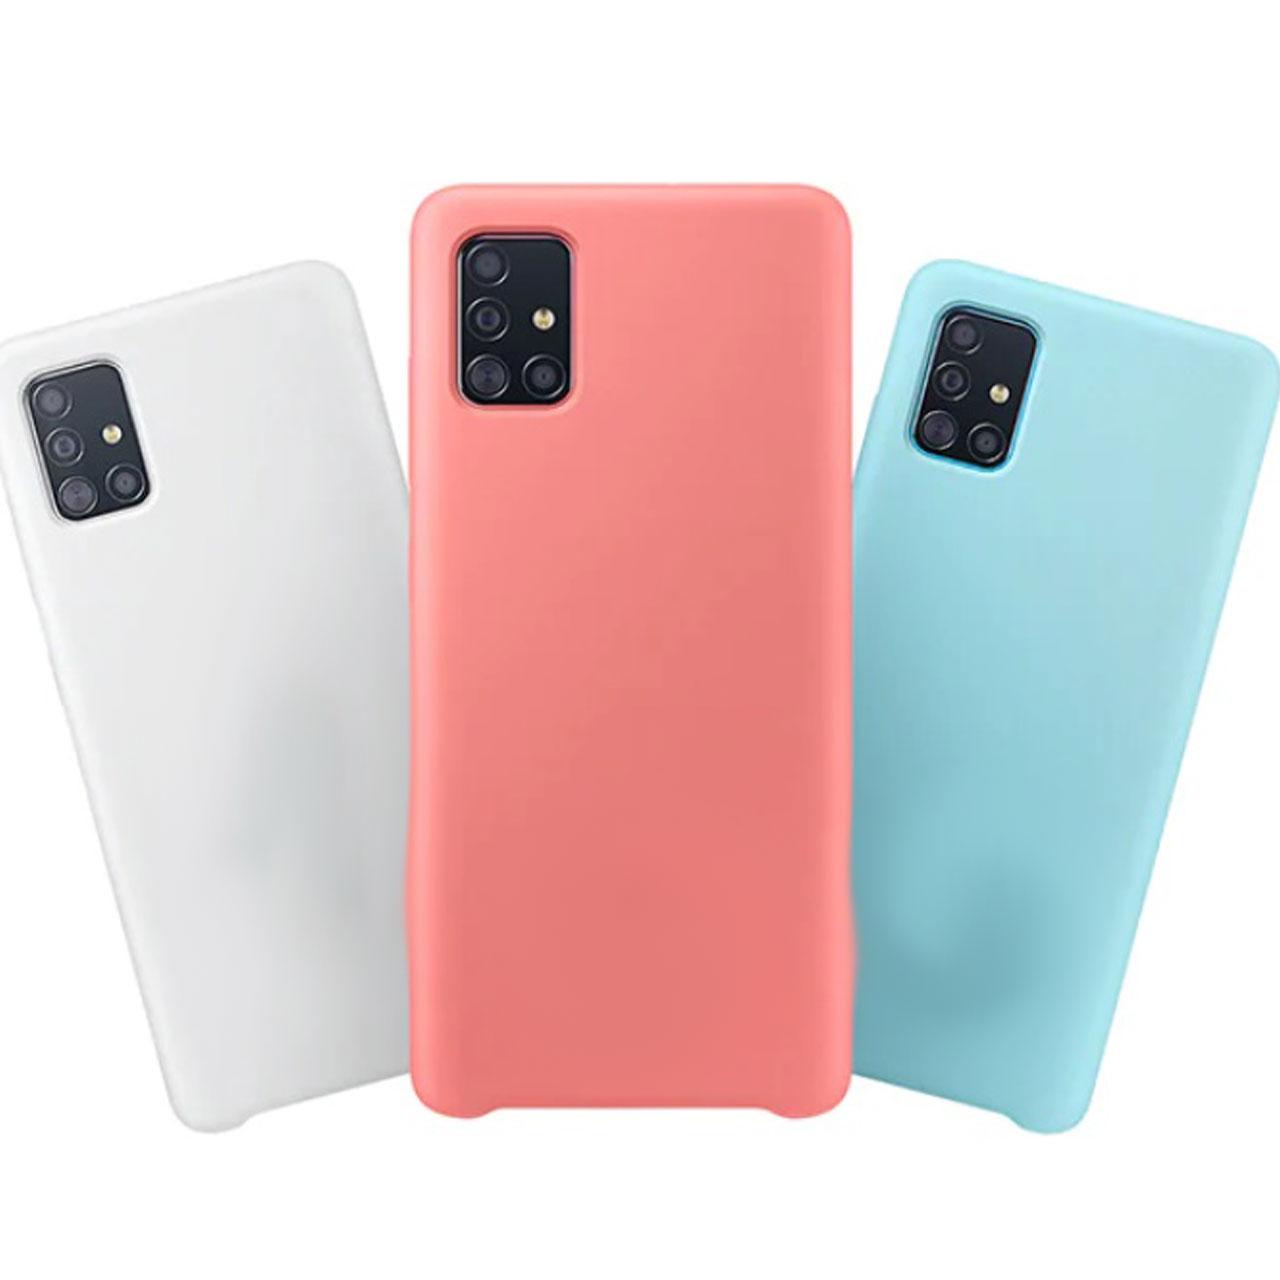 کاور کینگ کونگ مدل SLCN مناسب برای گوشی موبایل سامسونگ Galaxy A51